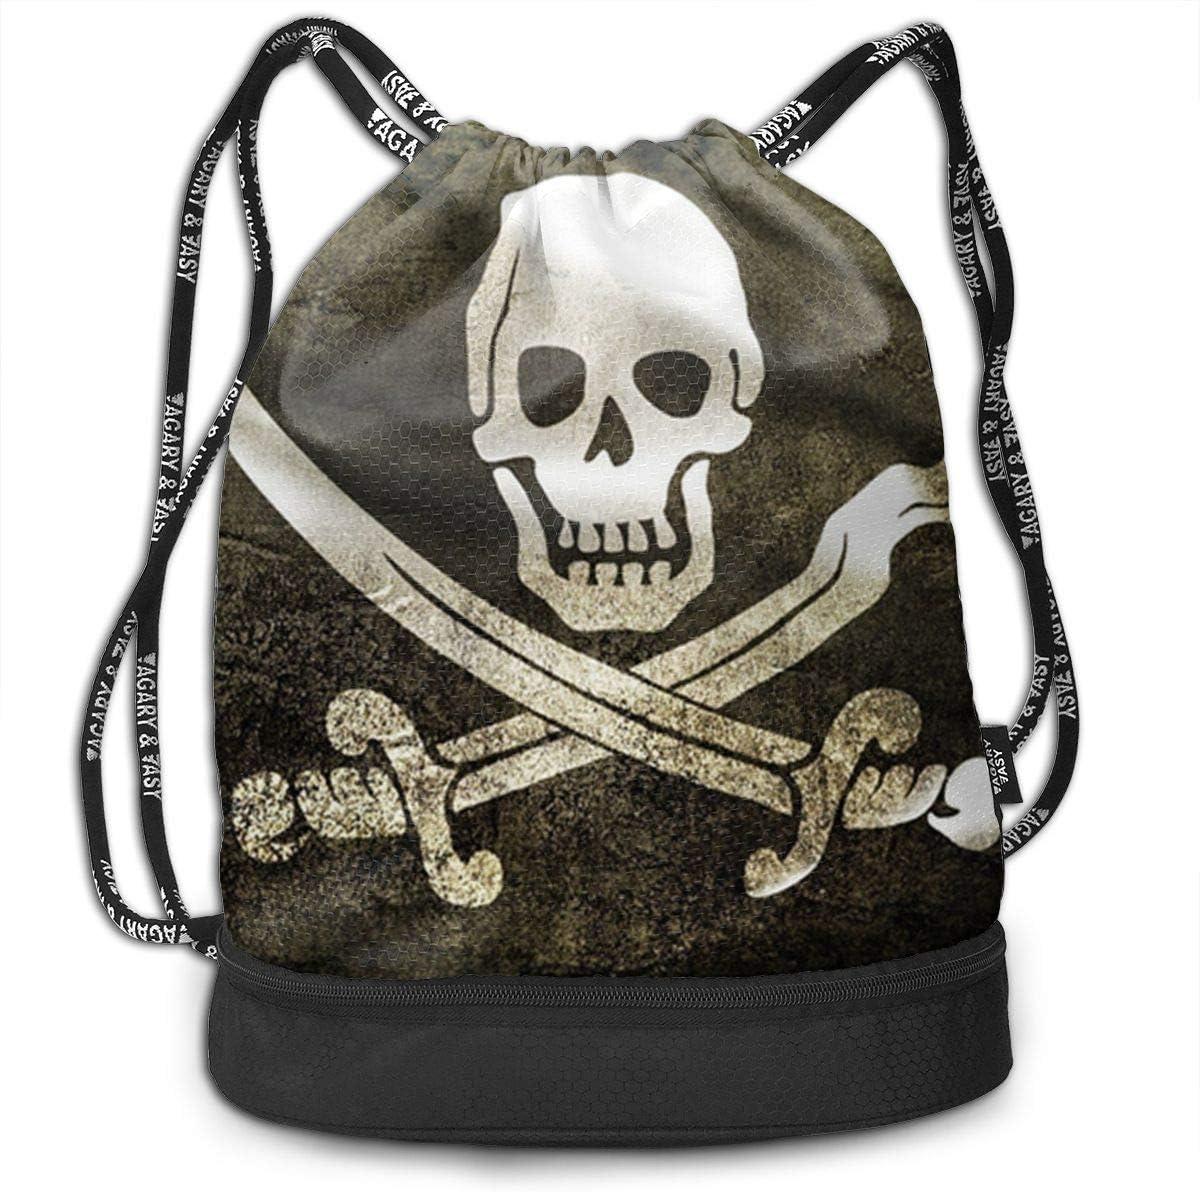 HUOPR5Q Pirates Drawstring Backpack Sport Gym Sack Shoulder Bulk Bag Dance Bag for School Travel